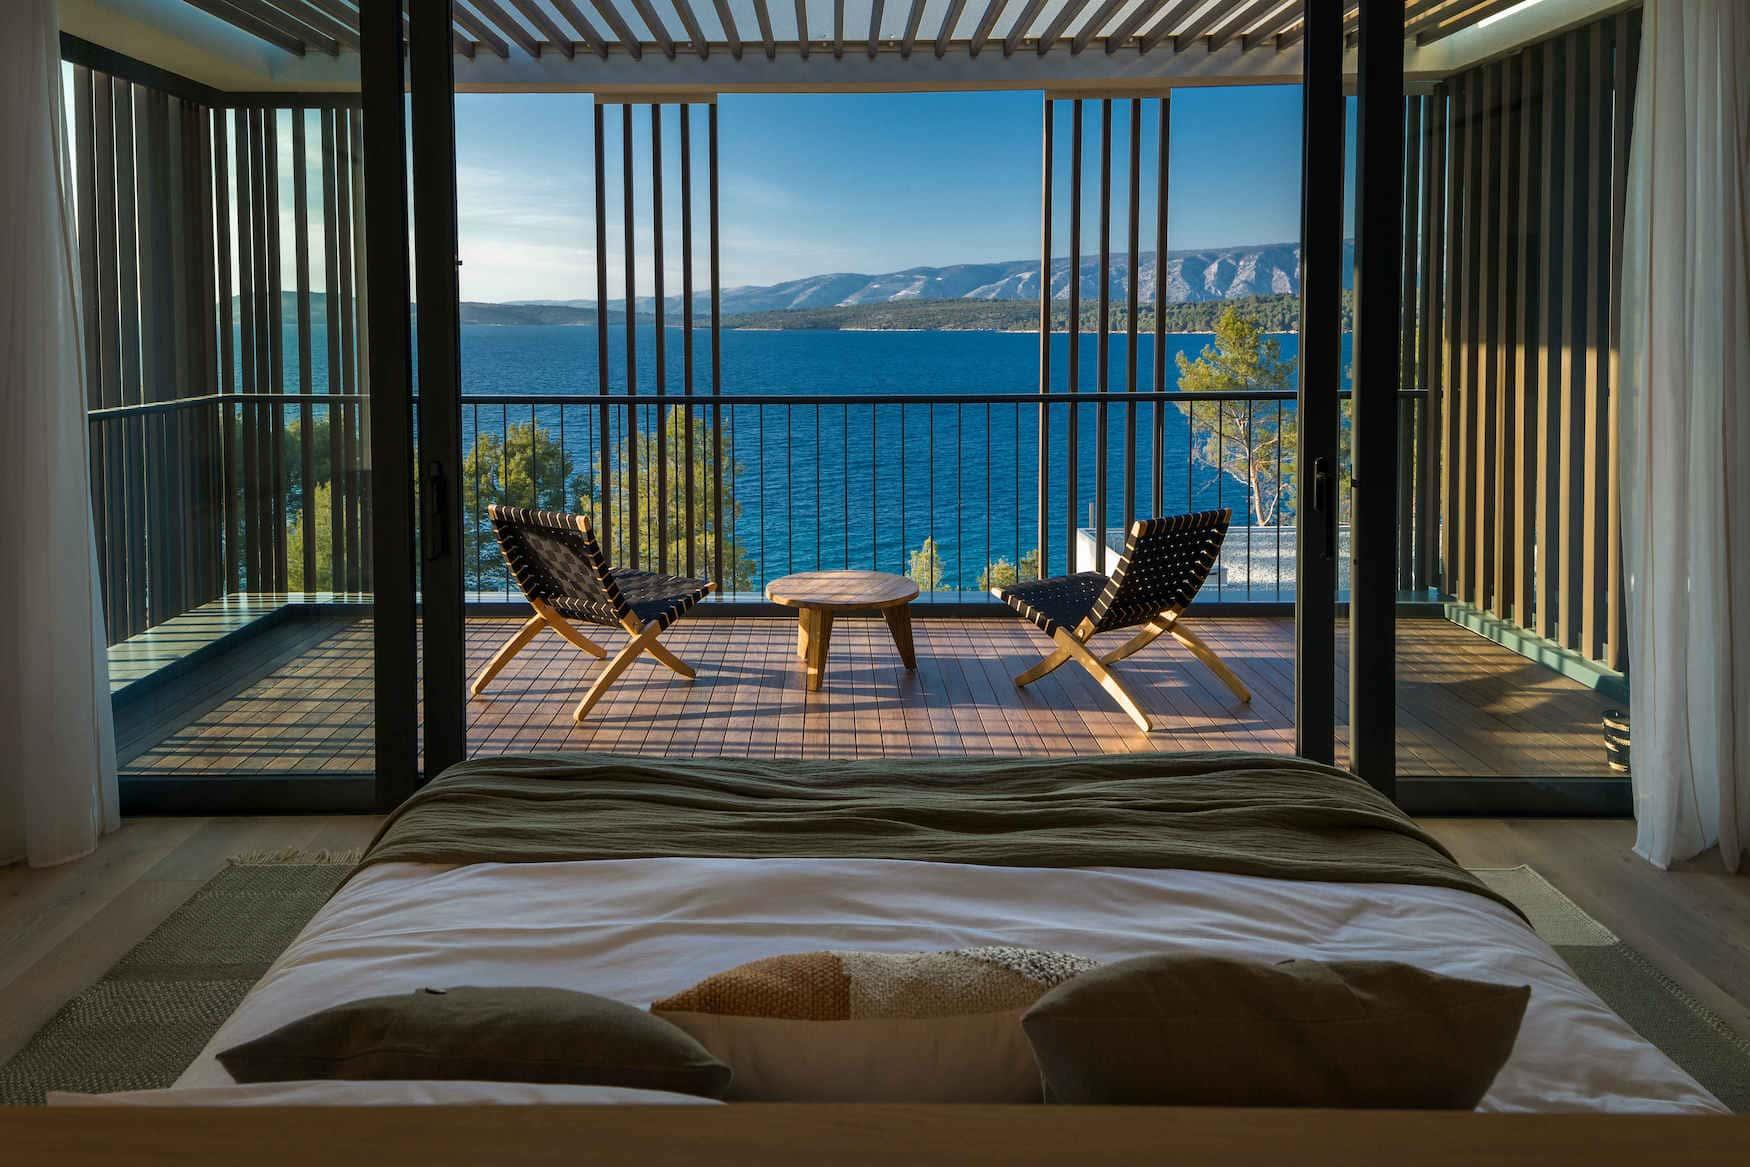 Wunderschöne Balkonstühle in einem Hotel in Kroatien